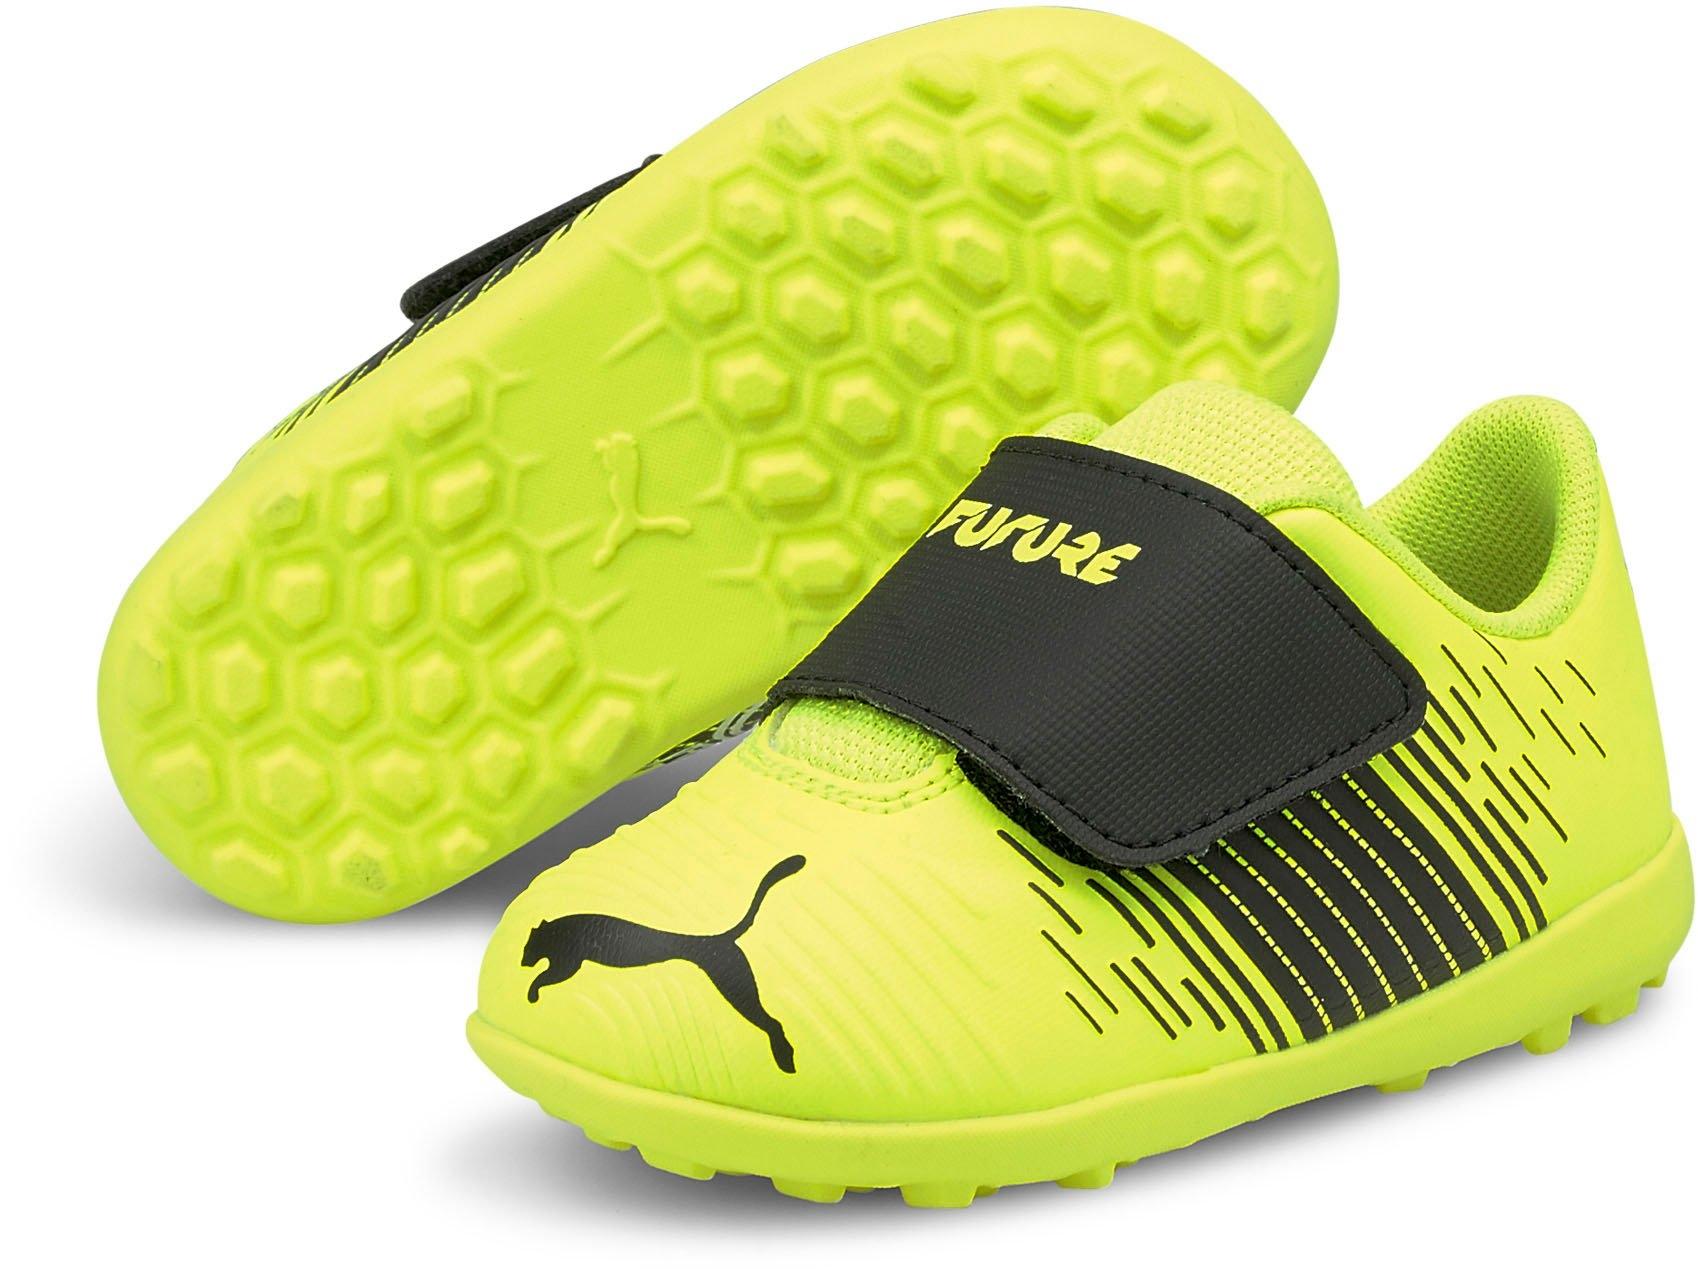 PUMA voetbalschoenen »FUTURE Z 4.1 TT V Inf Turf« - verschillende betaalmethodes